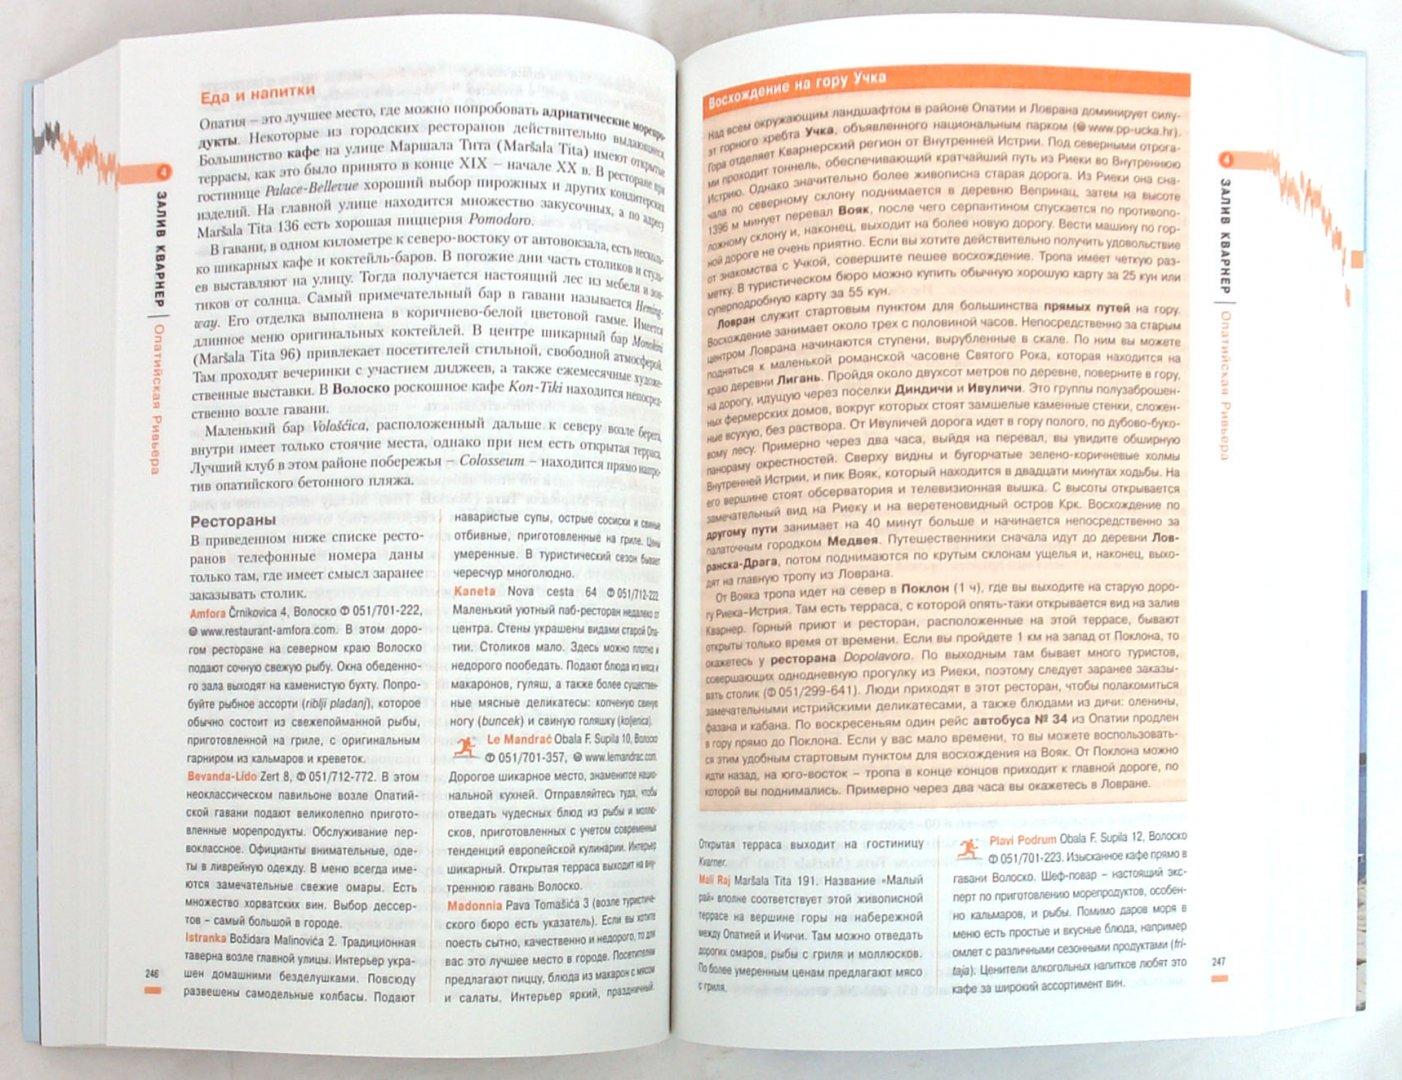 Иллюстрация 1 из 16 для Хорватия. Самый подробный и популярный путеводитель в мире - Джонатан Боусфильд   Лабиринт - книги. Источник: Лабиринт